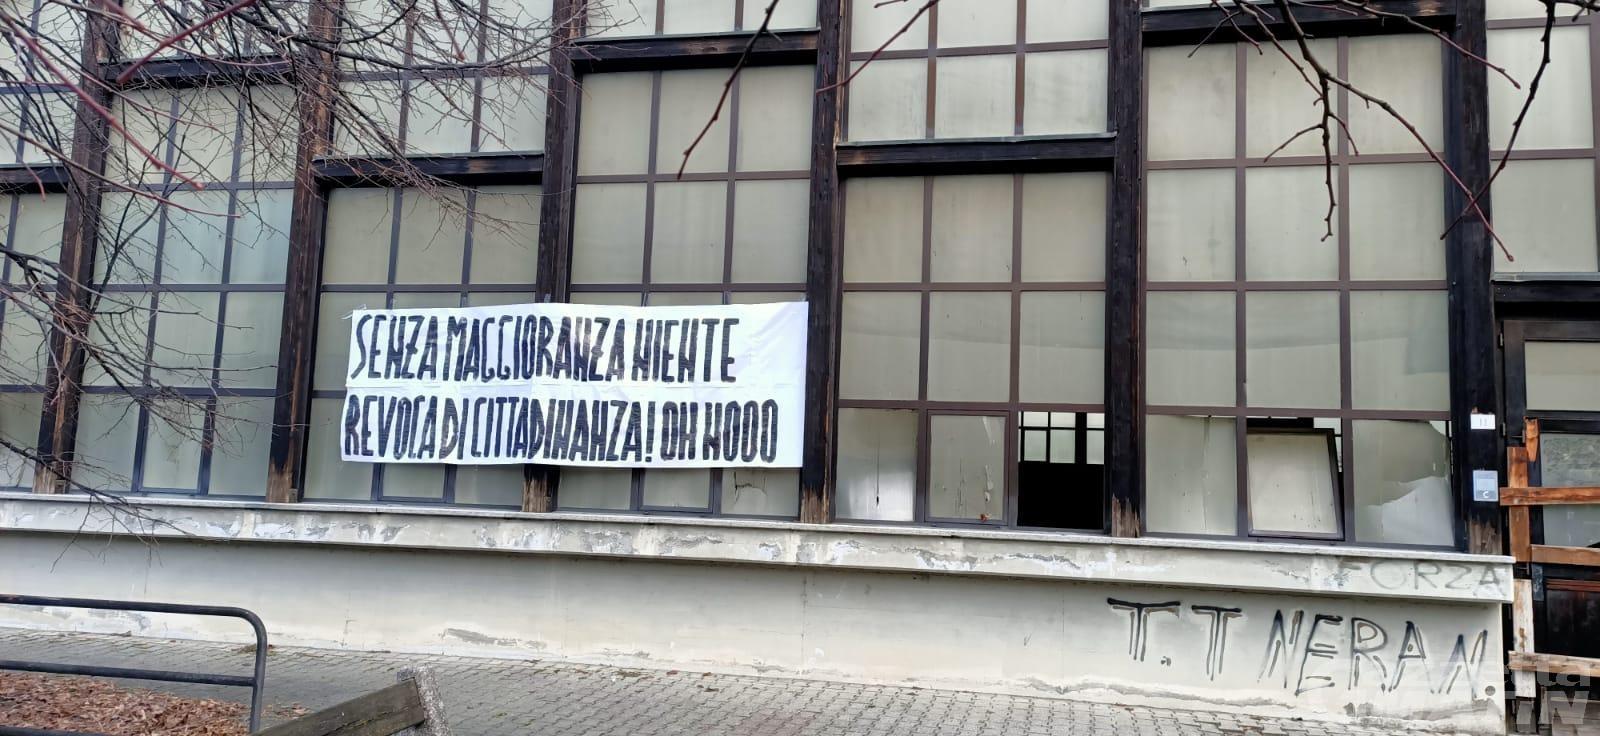 Saint-Vincent: uno striscione ironizza sulla mancata revoca di cittadinanza a Mussolini